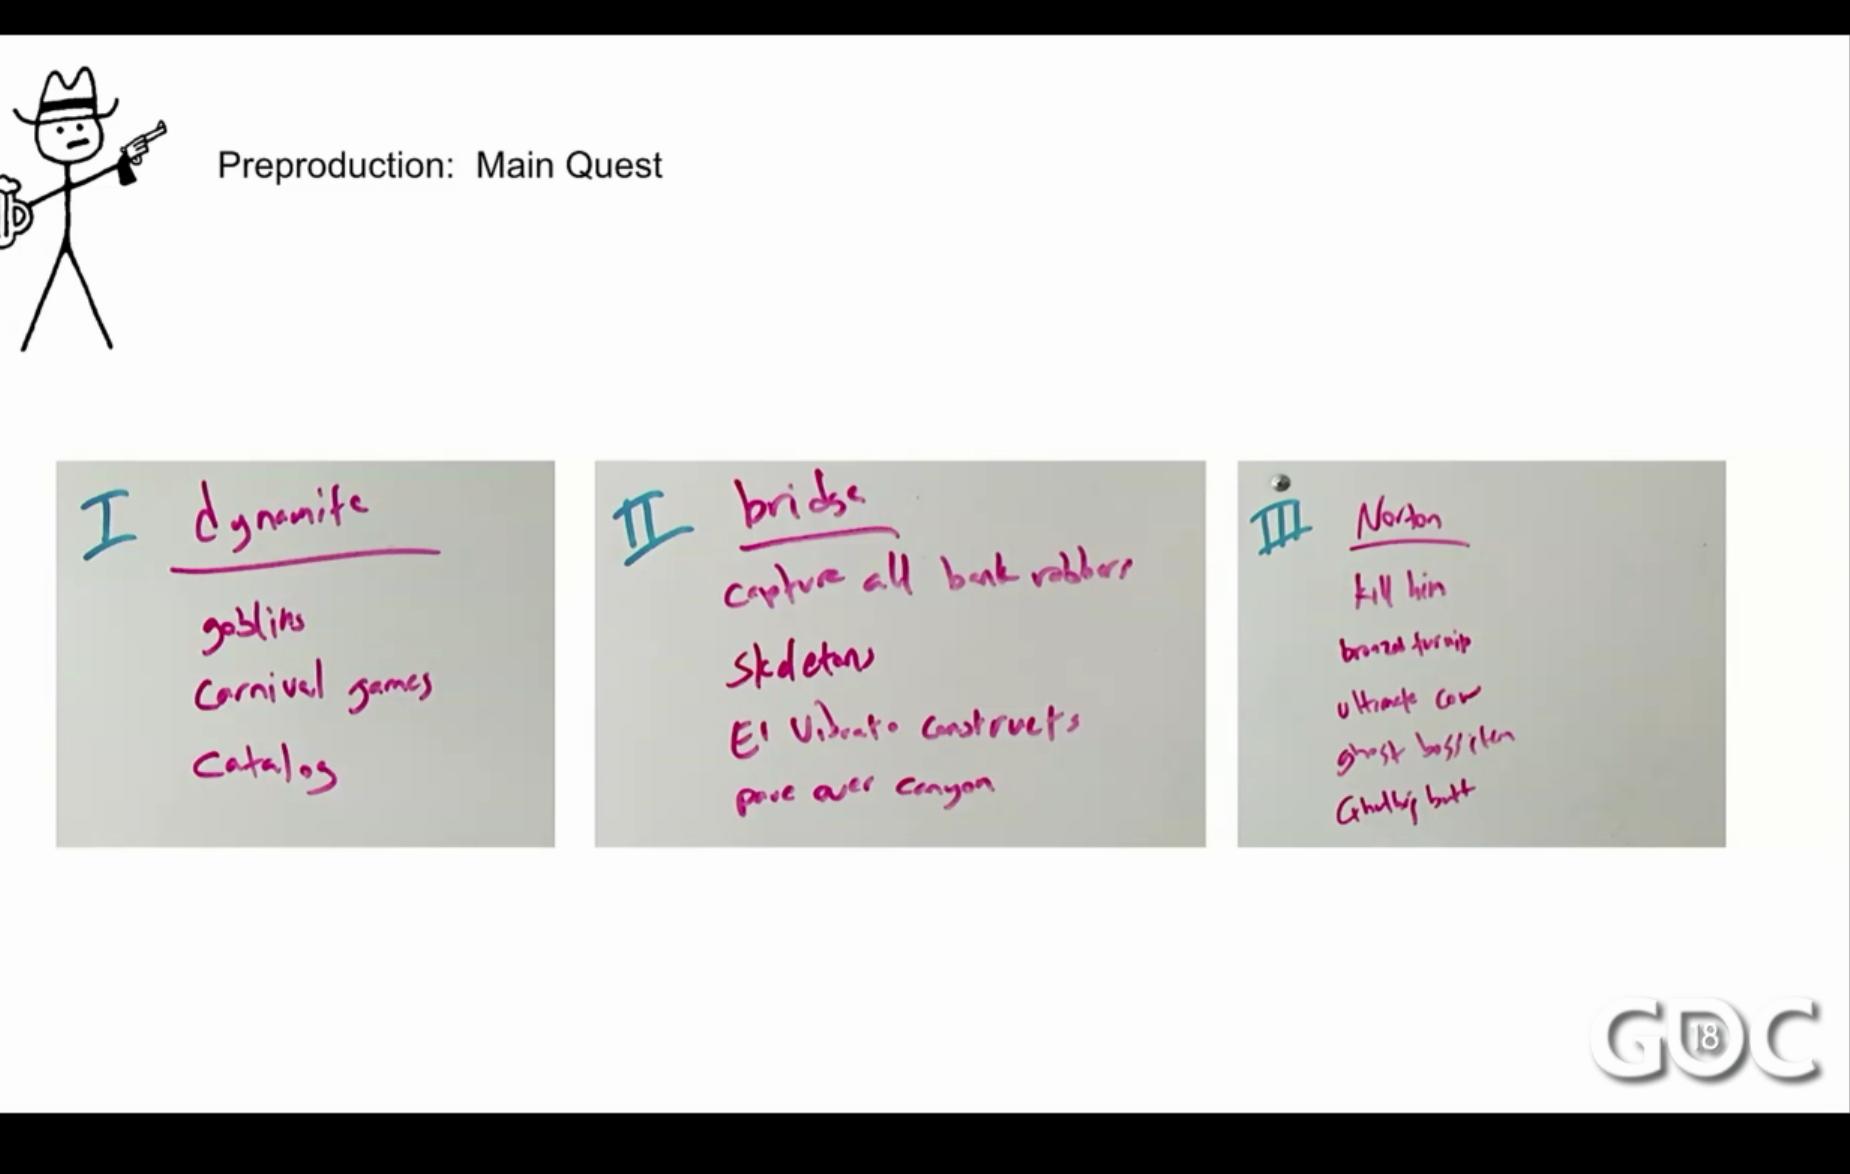 """La struttura della main quest del gioco. Notare """"Cthulu's butt"""" in basso a destra."""